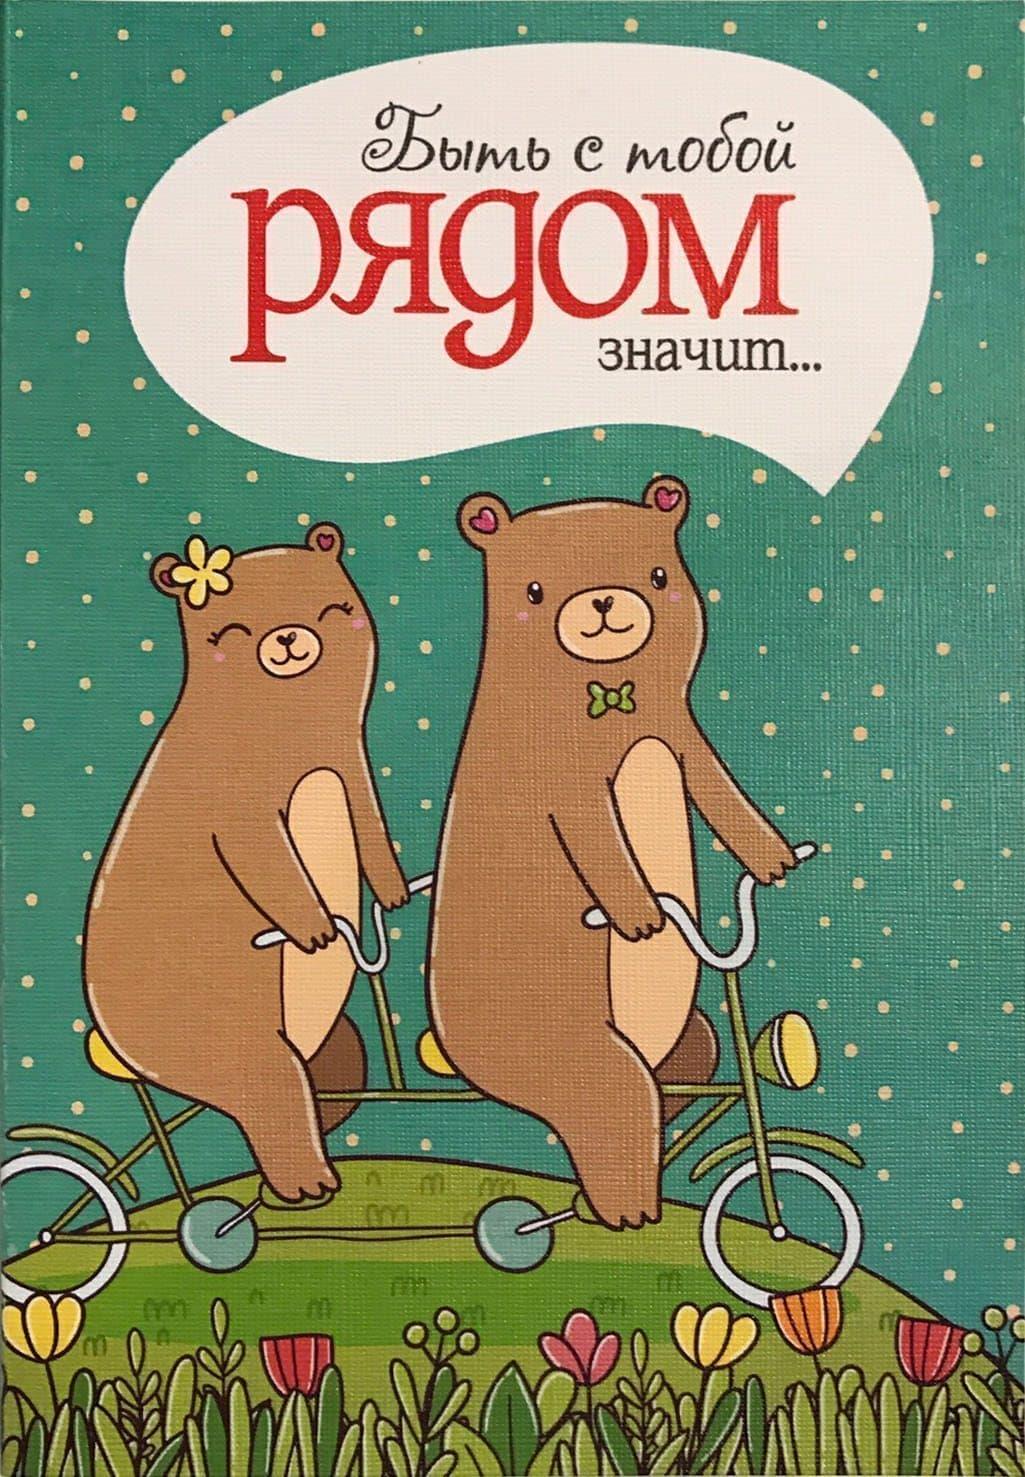 Шоколадная открытка Быть с тобой РядомОткрытки с шоколадками 150 руб.<br><br>